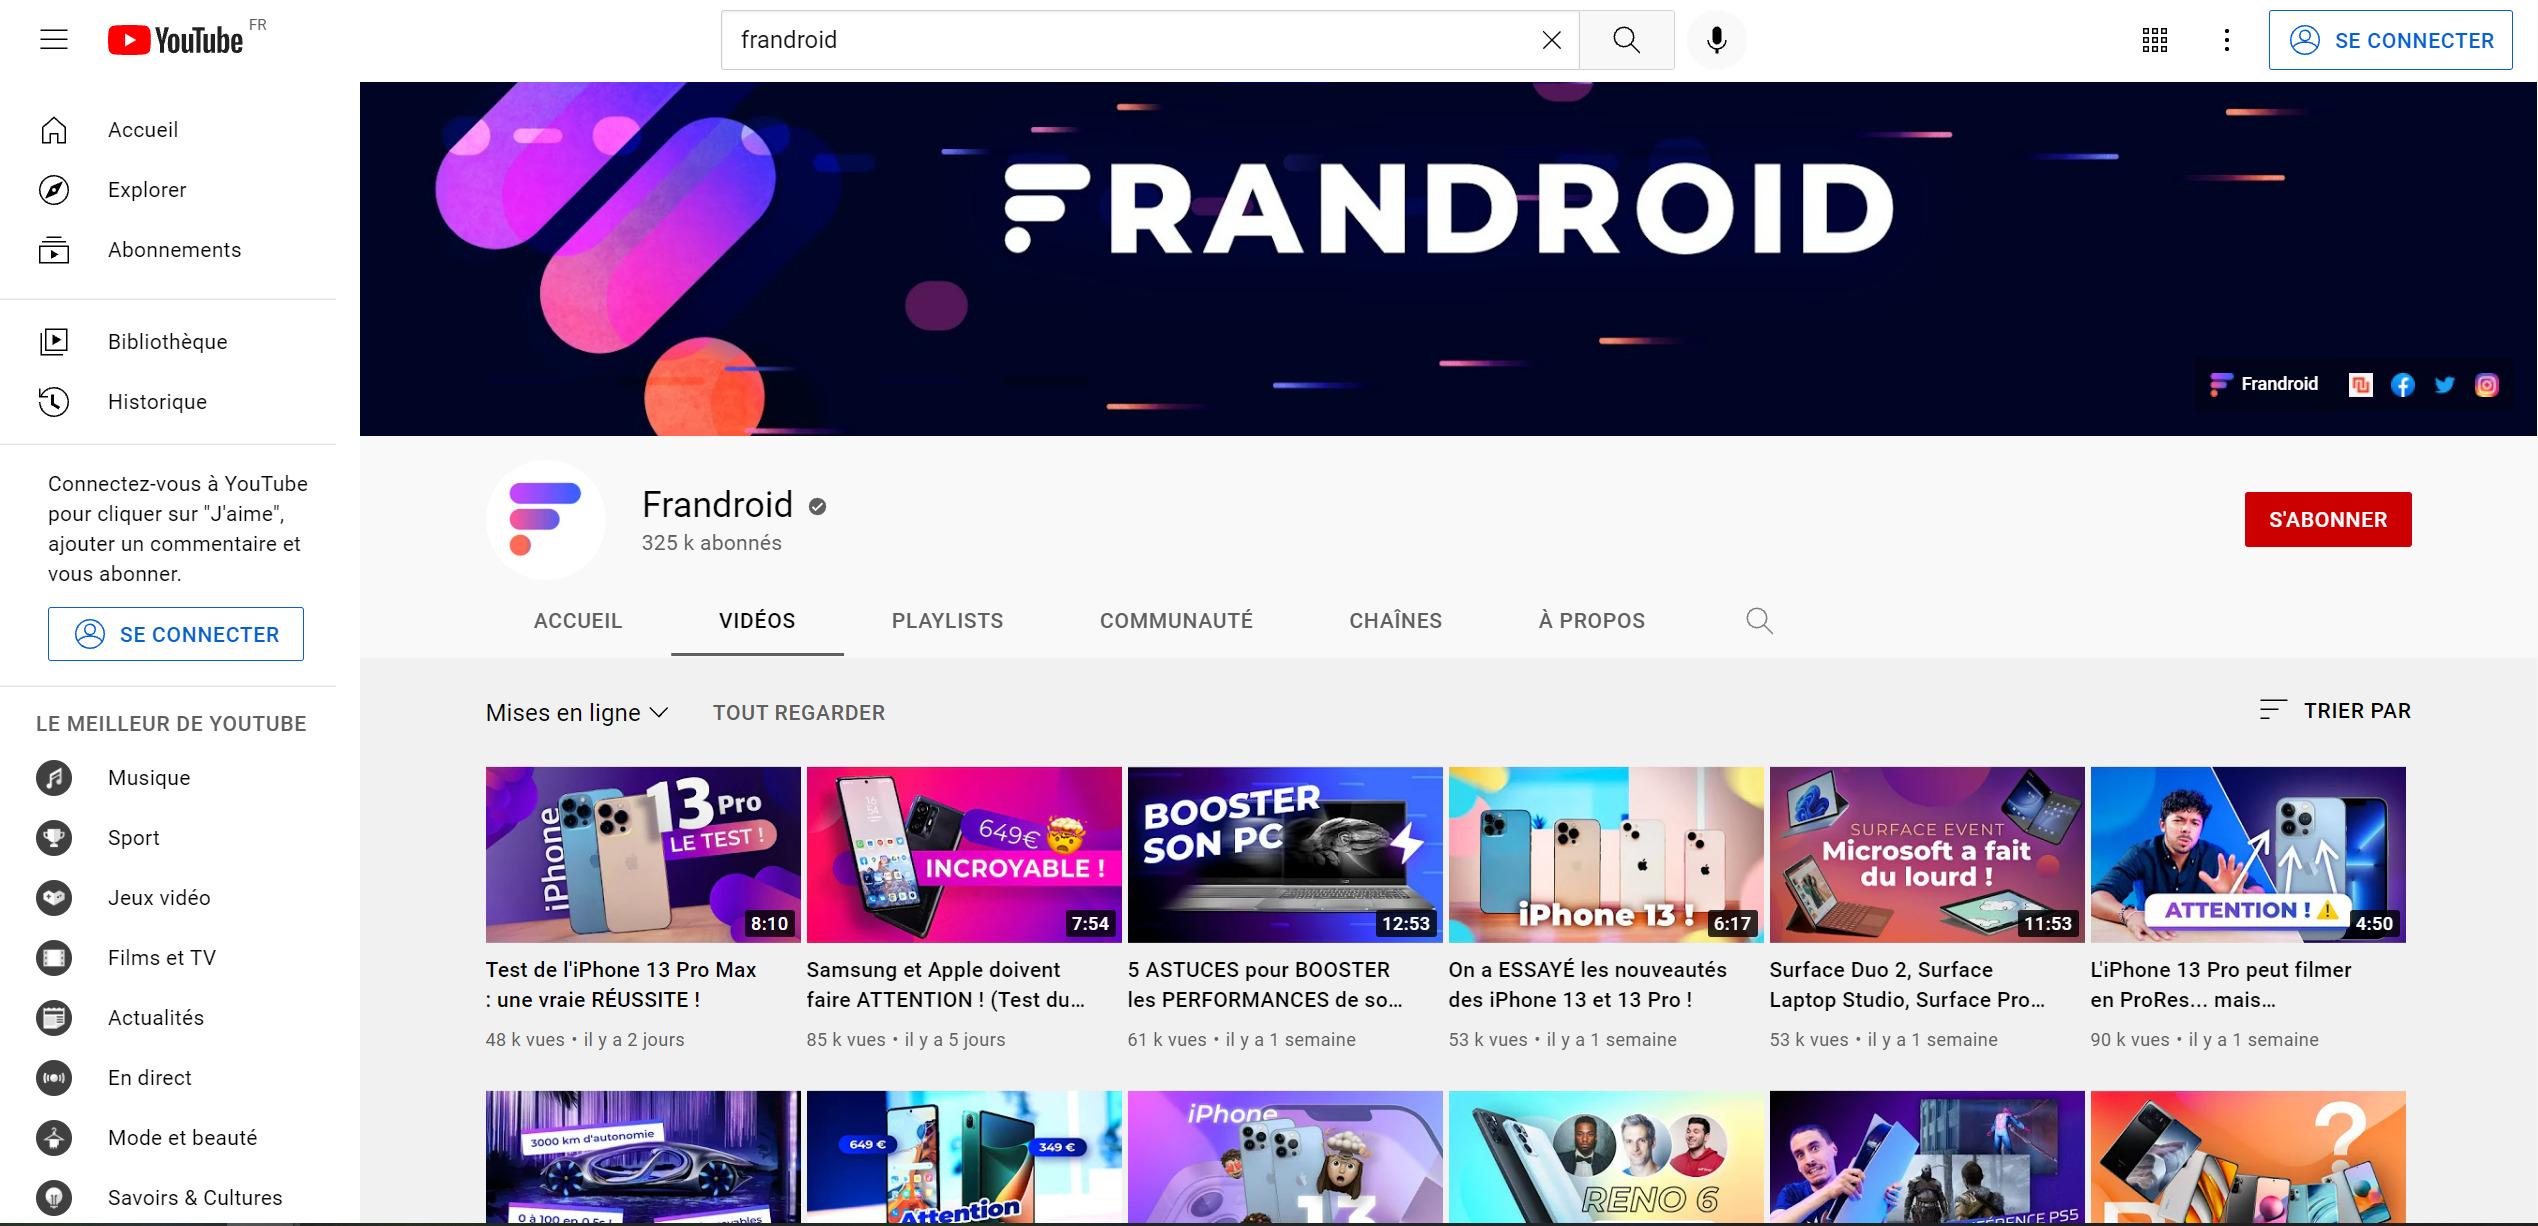 YouTube sur le web : continuer une vidéo commencée sur l'application mobile devient plus simple